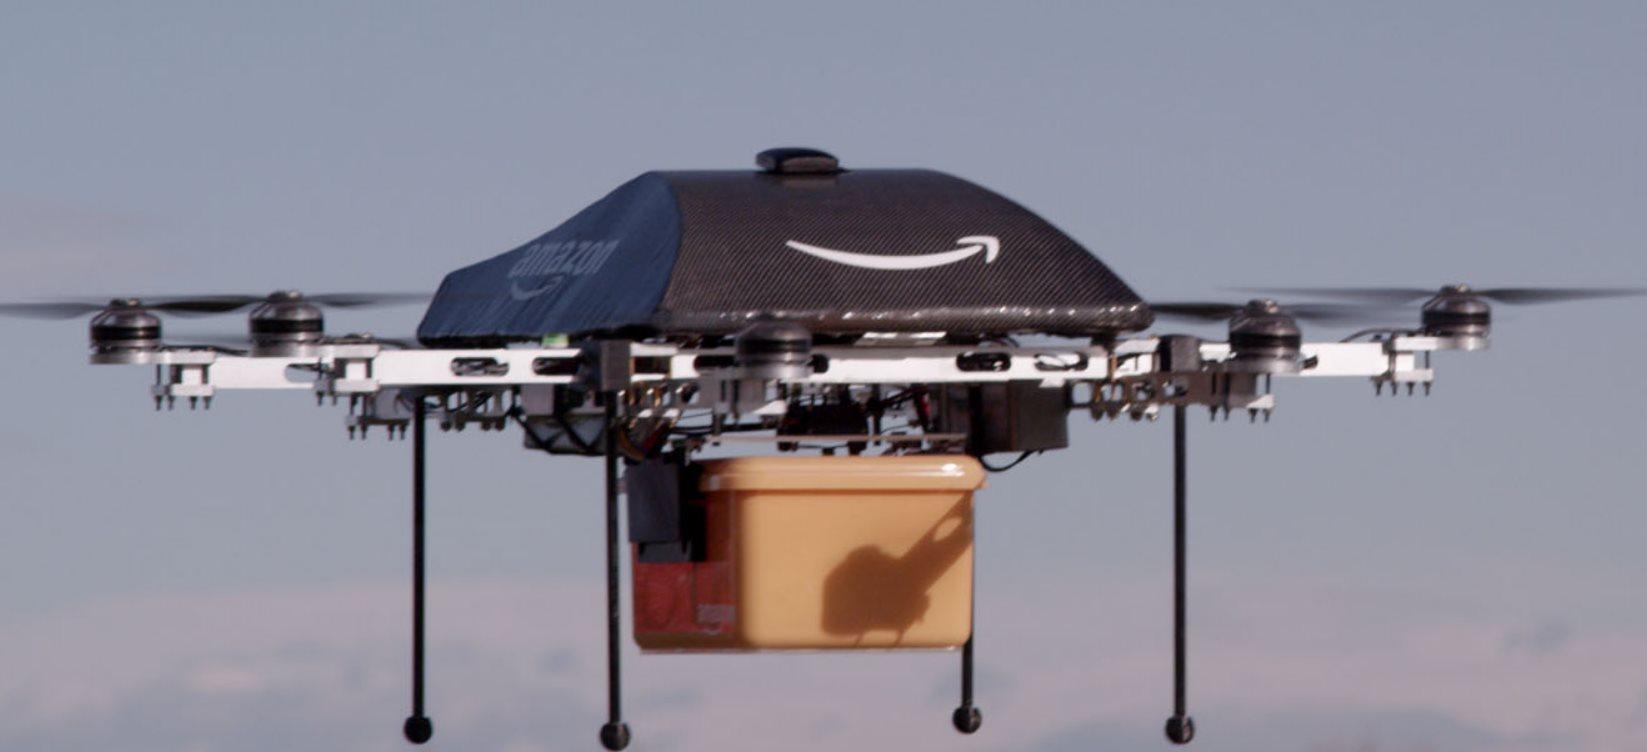 Drones de reparto y otros vehículos similares se encuentran expuestos a ciberataques, según investigación